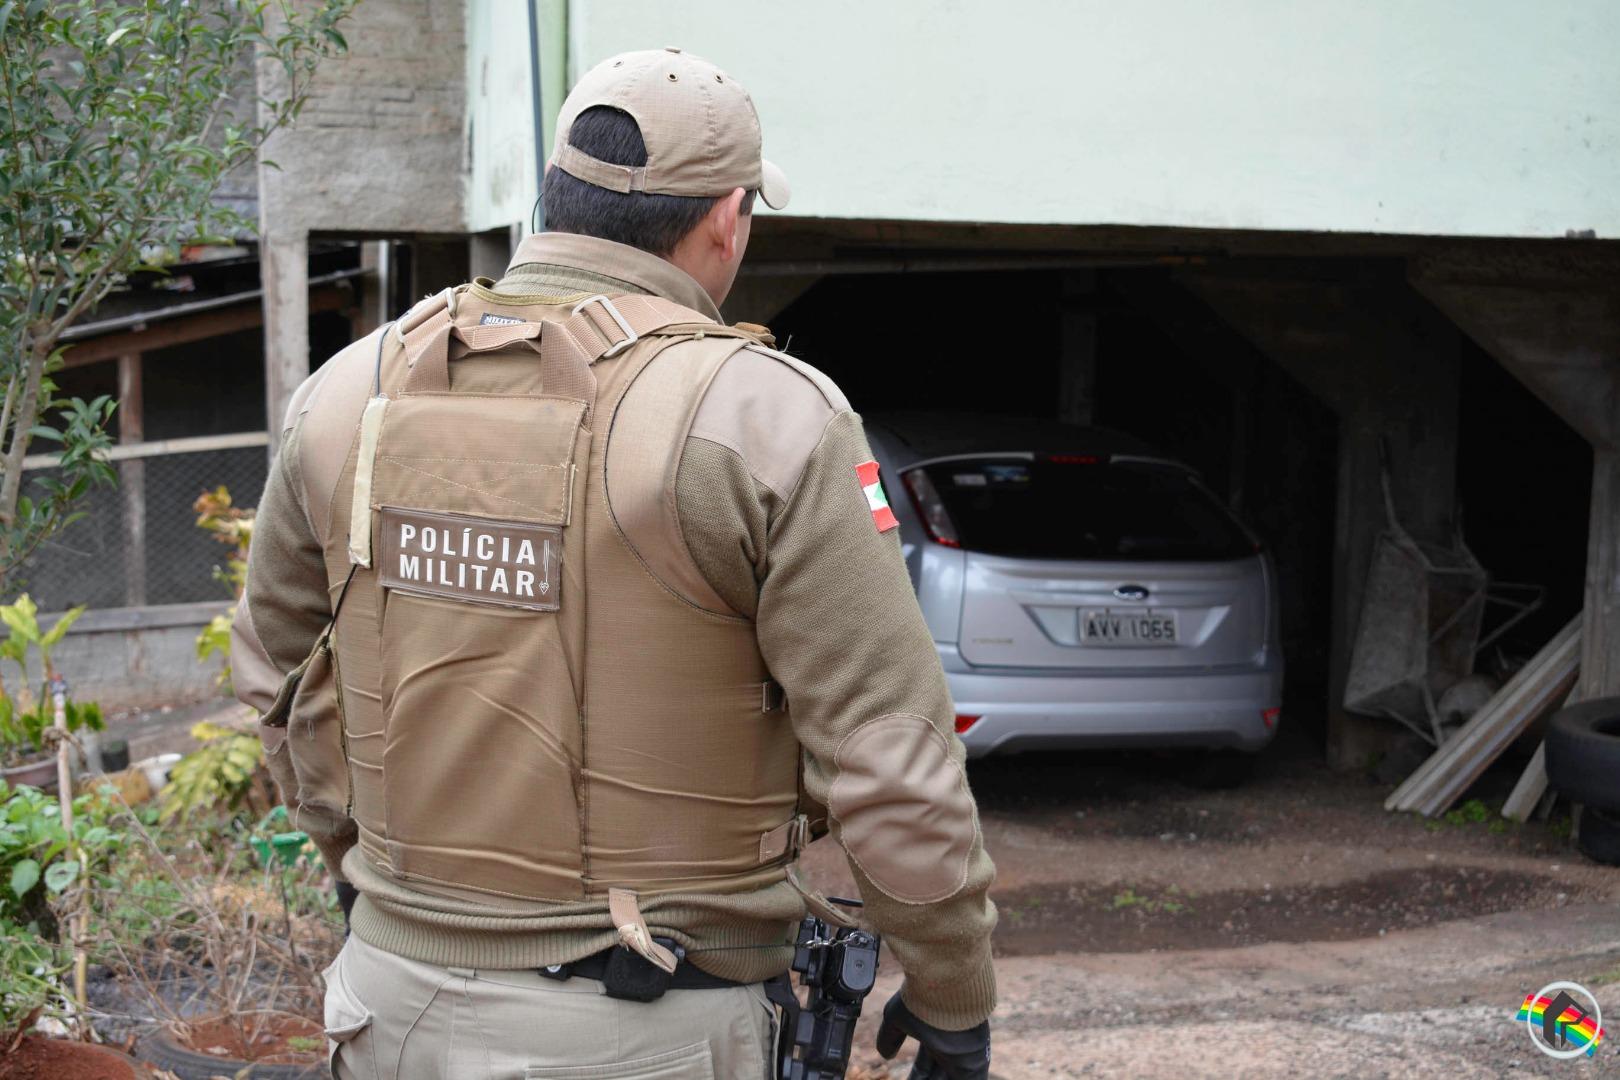 Policia Militar e Rodoviária intercepta carro roubado e persegue criminosos